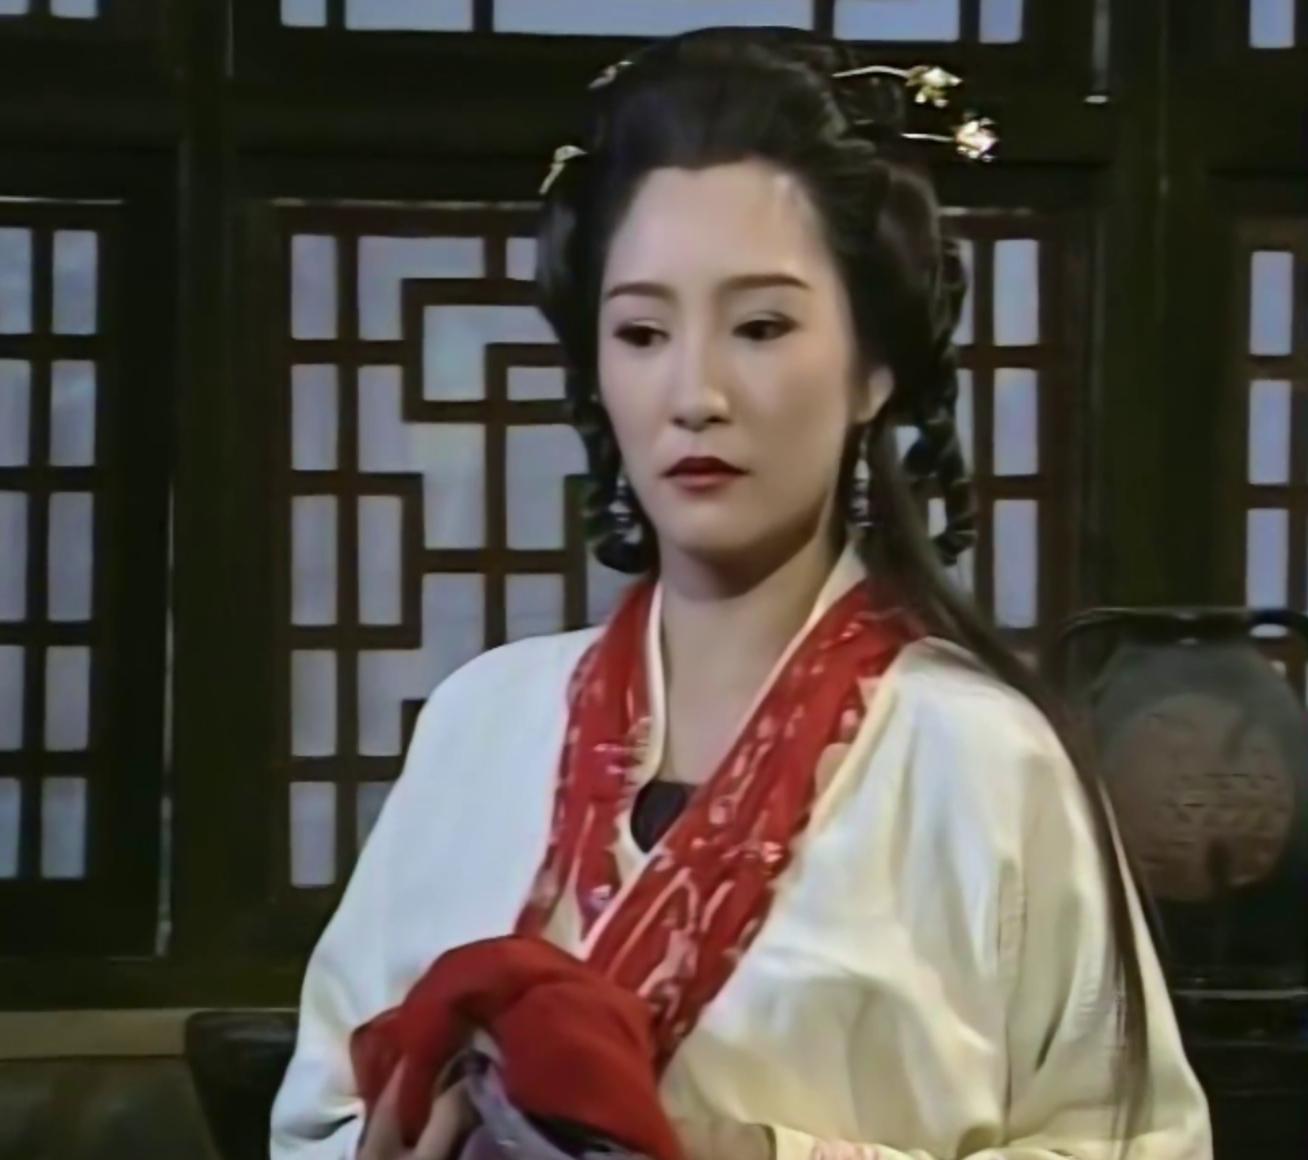 天龙八部 中,马夫人康敏身为副帮主夫人,为何要陷害乔峰